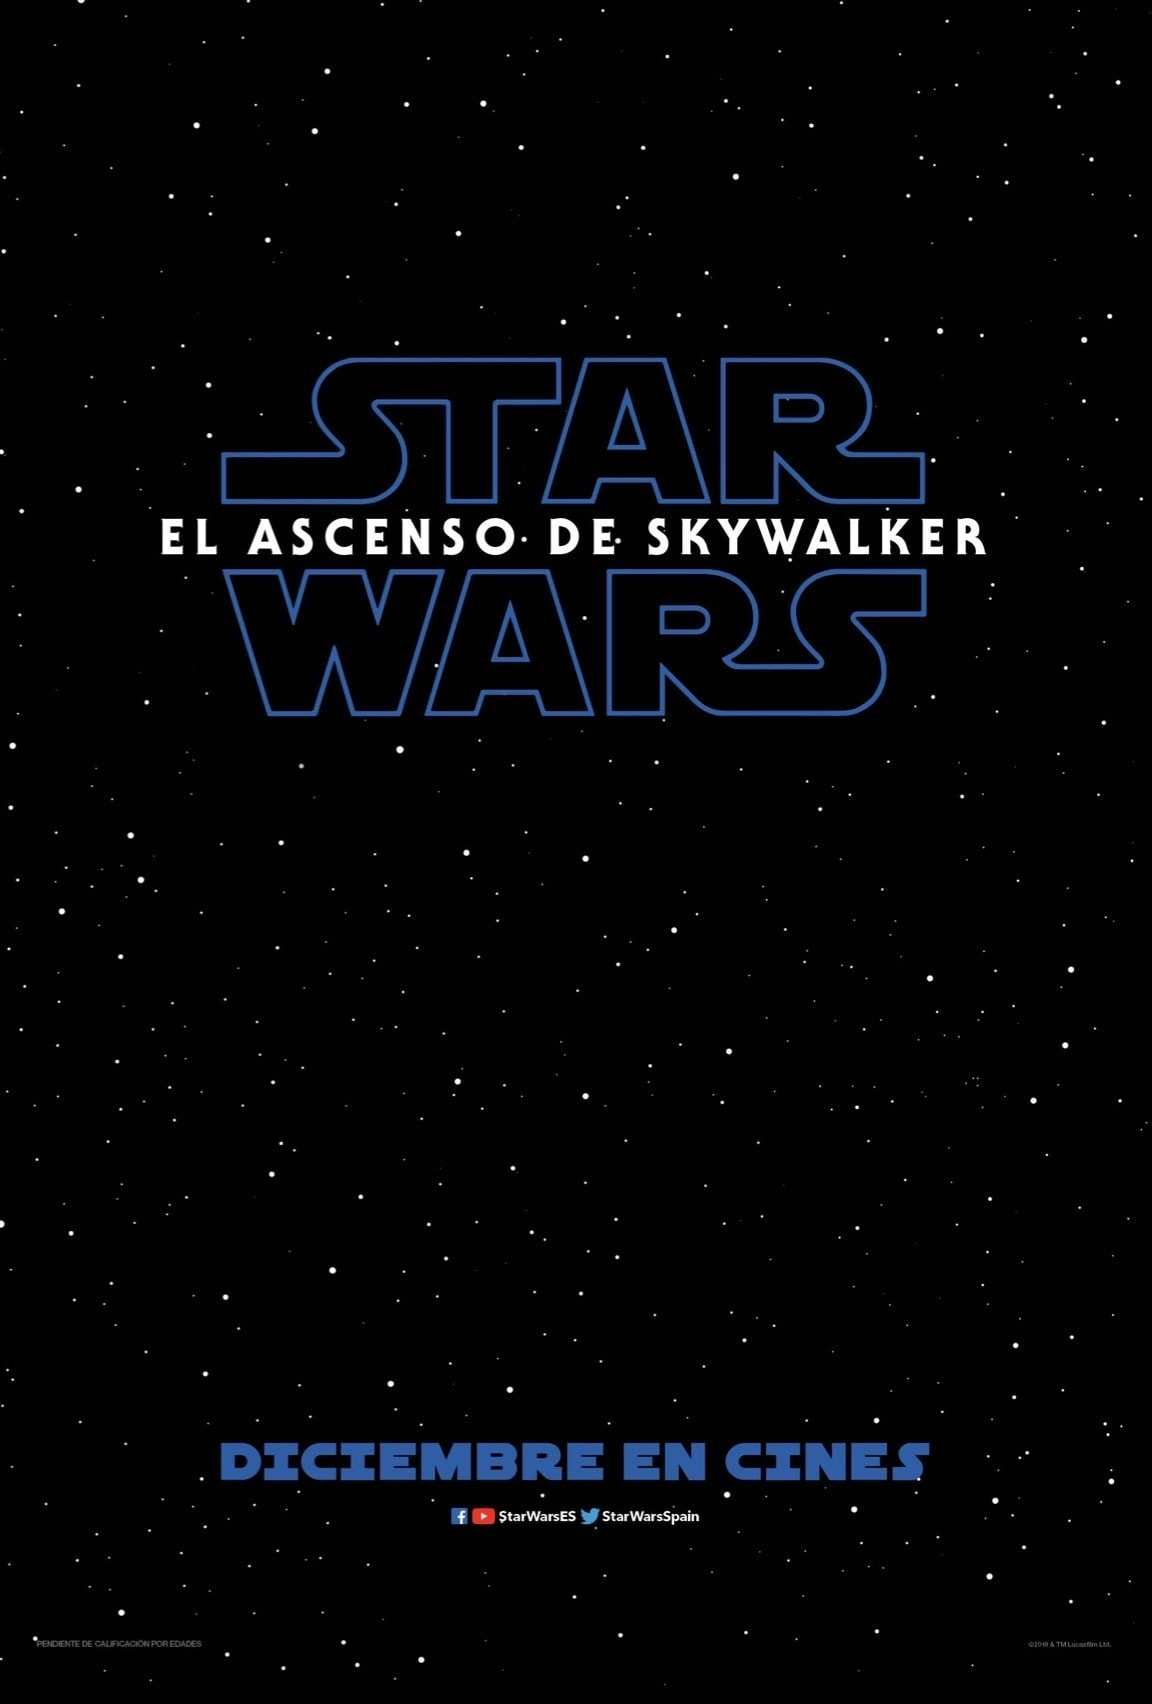 Póster de un cielo negro con estrellas blancas y el logotipo de Star Wars: El ascenso de Skywalker